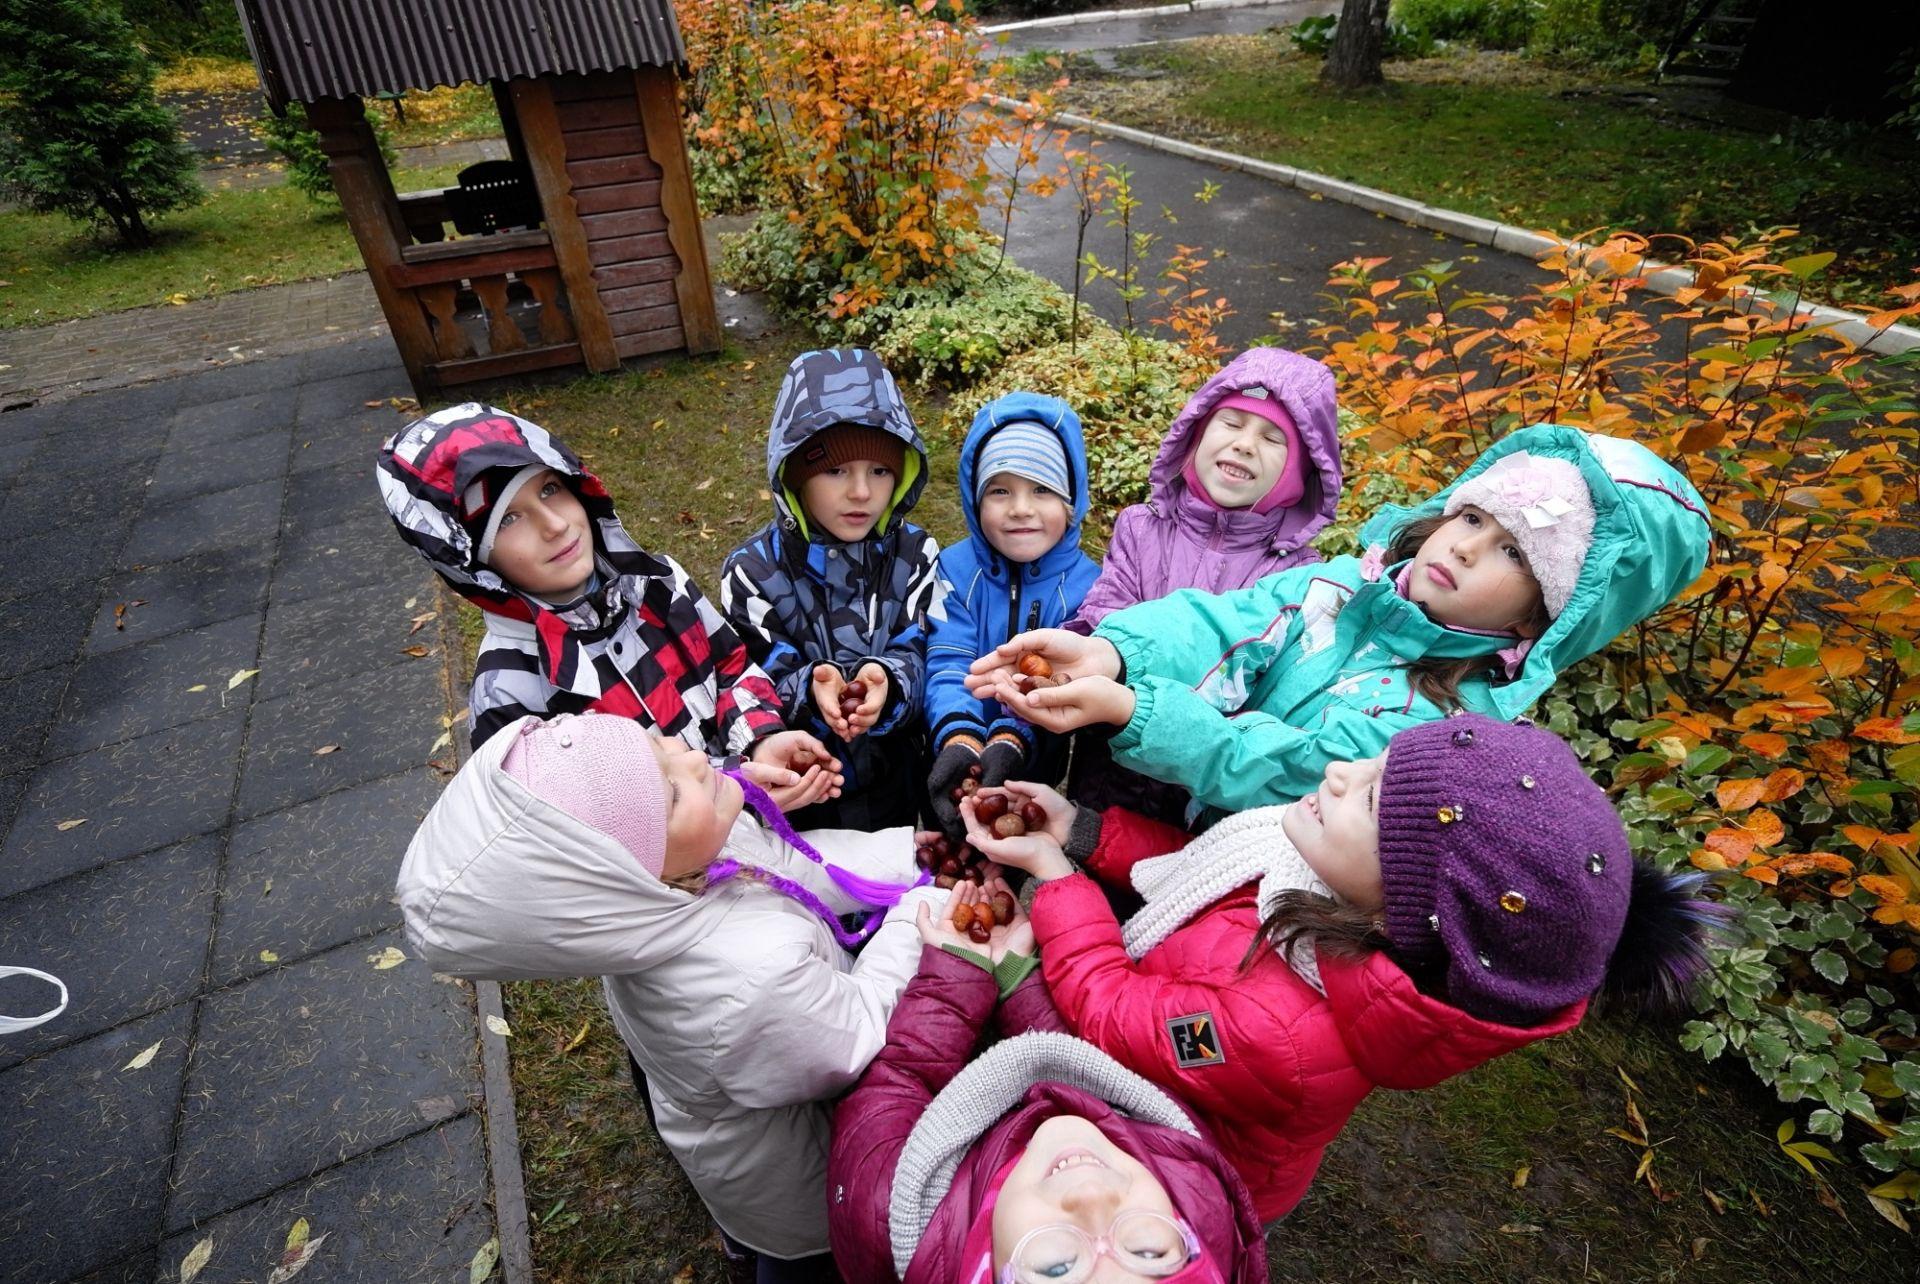 Минпросвещения России запустит портал по реализации мероприятий Десятилетия детства